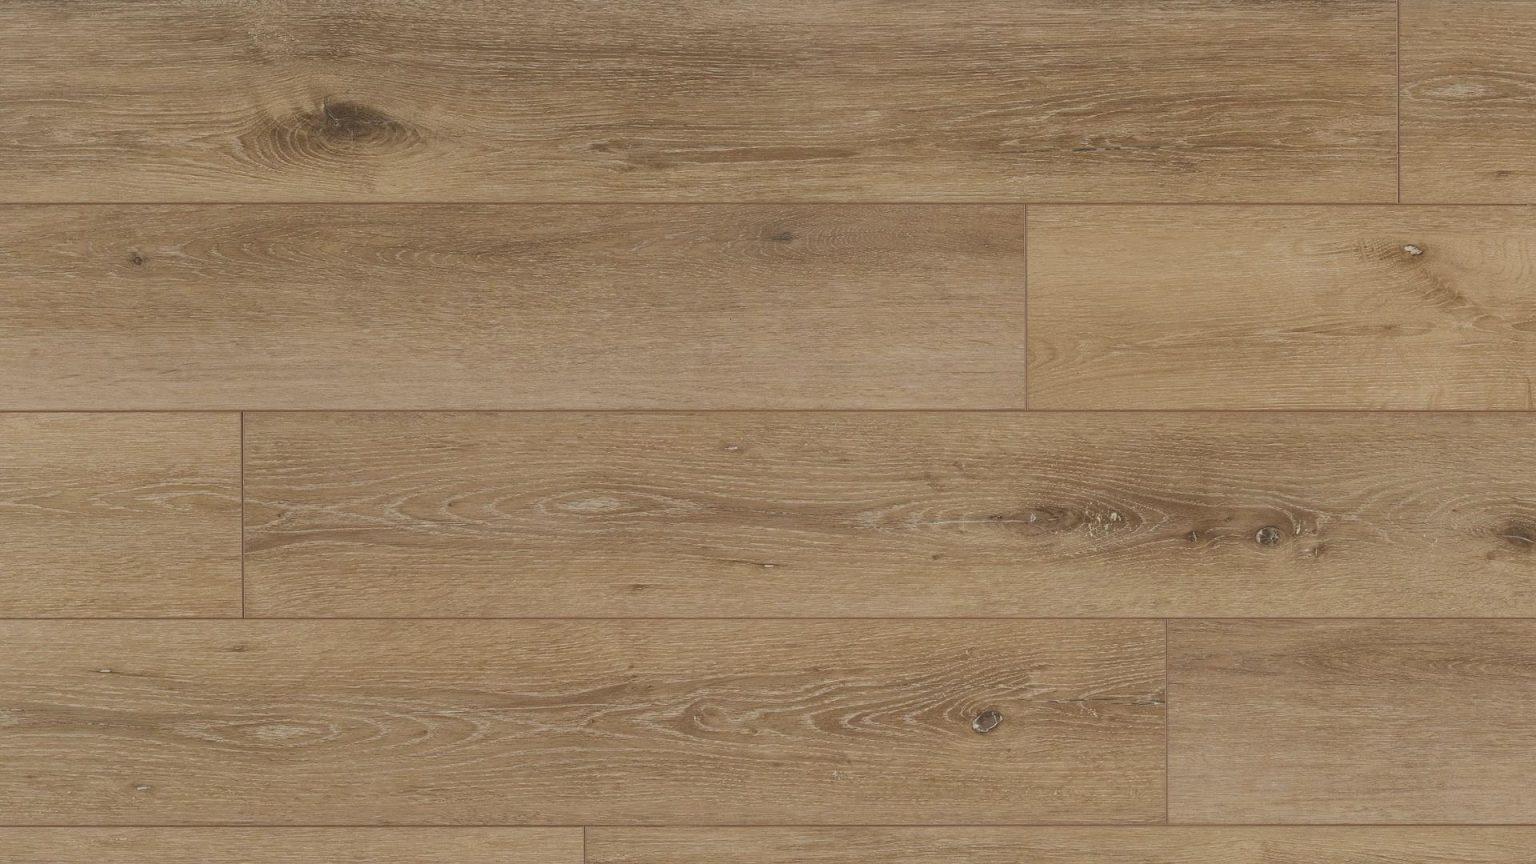 Regina 50 LVRE 139 / COREtec® authentics wood